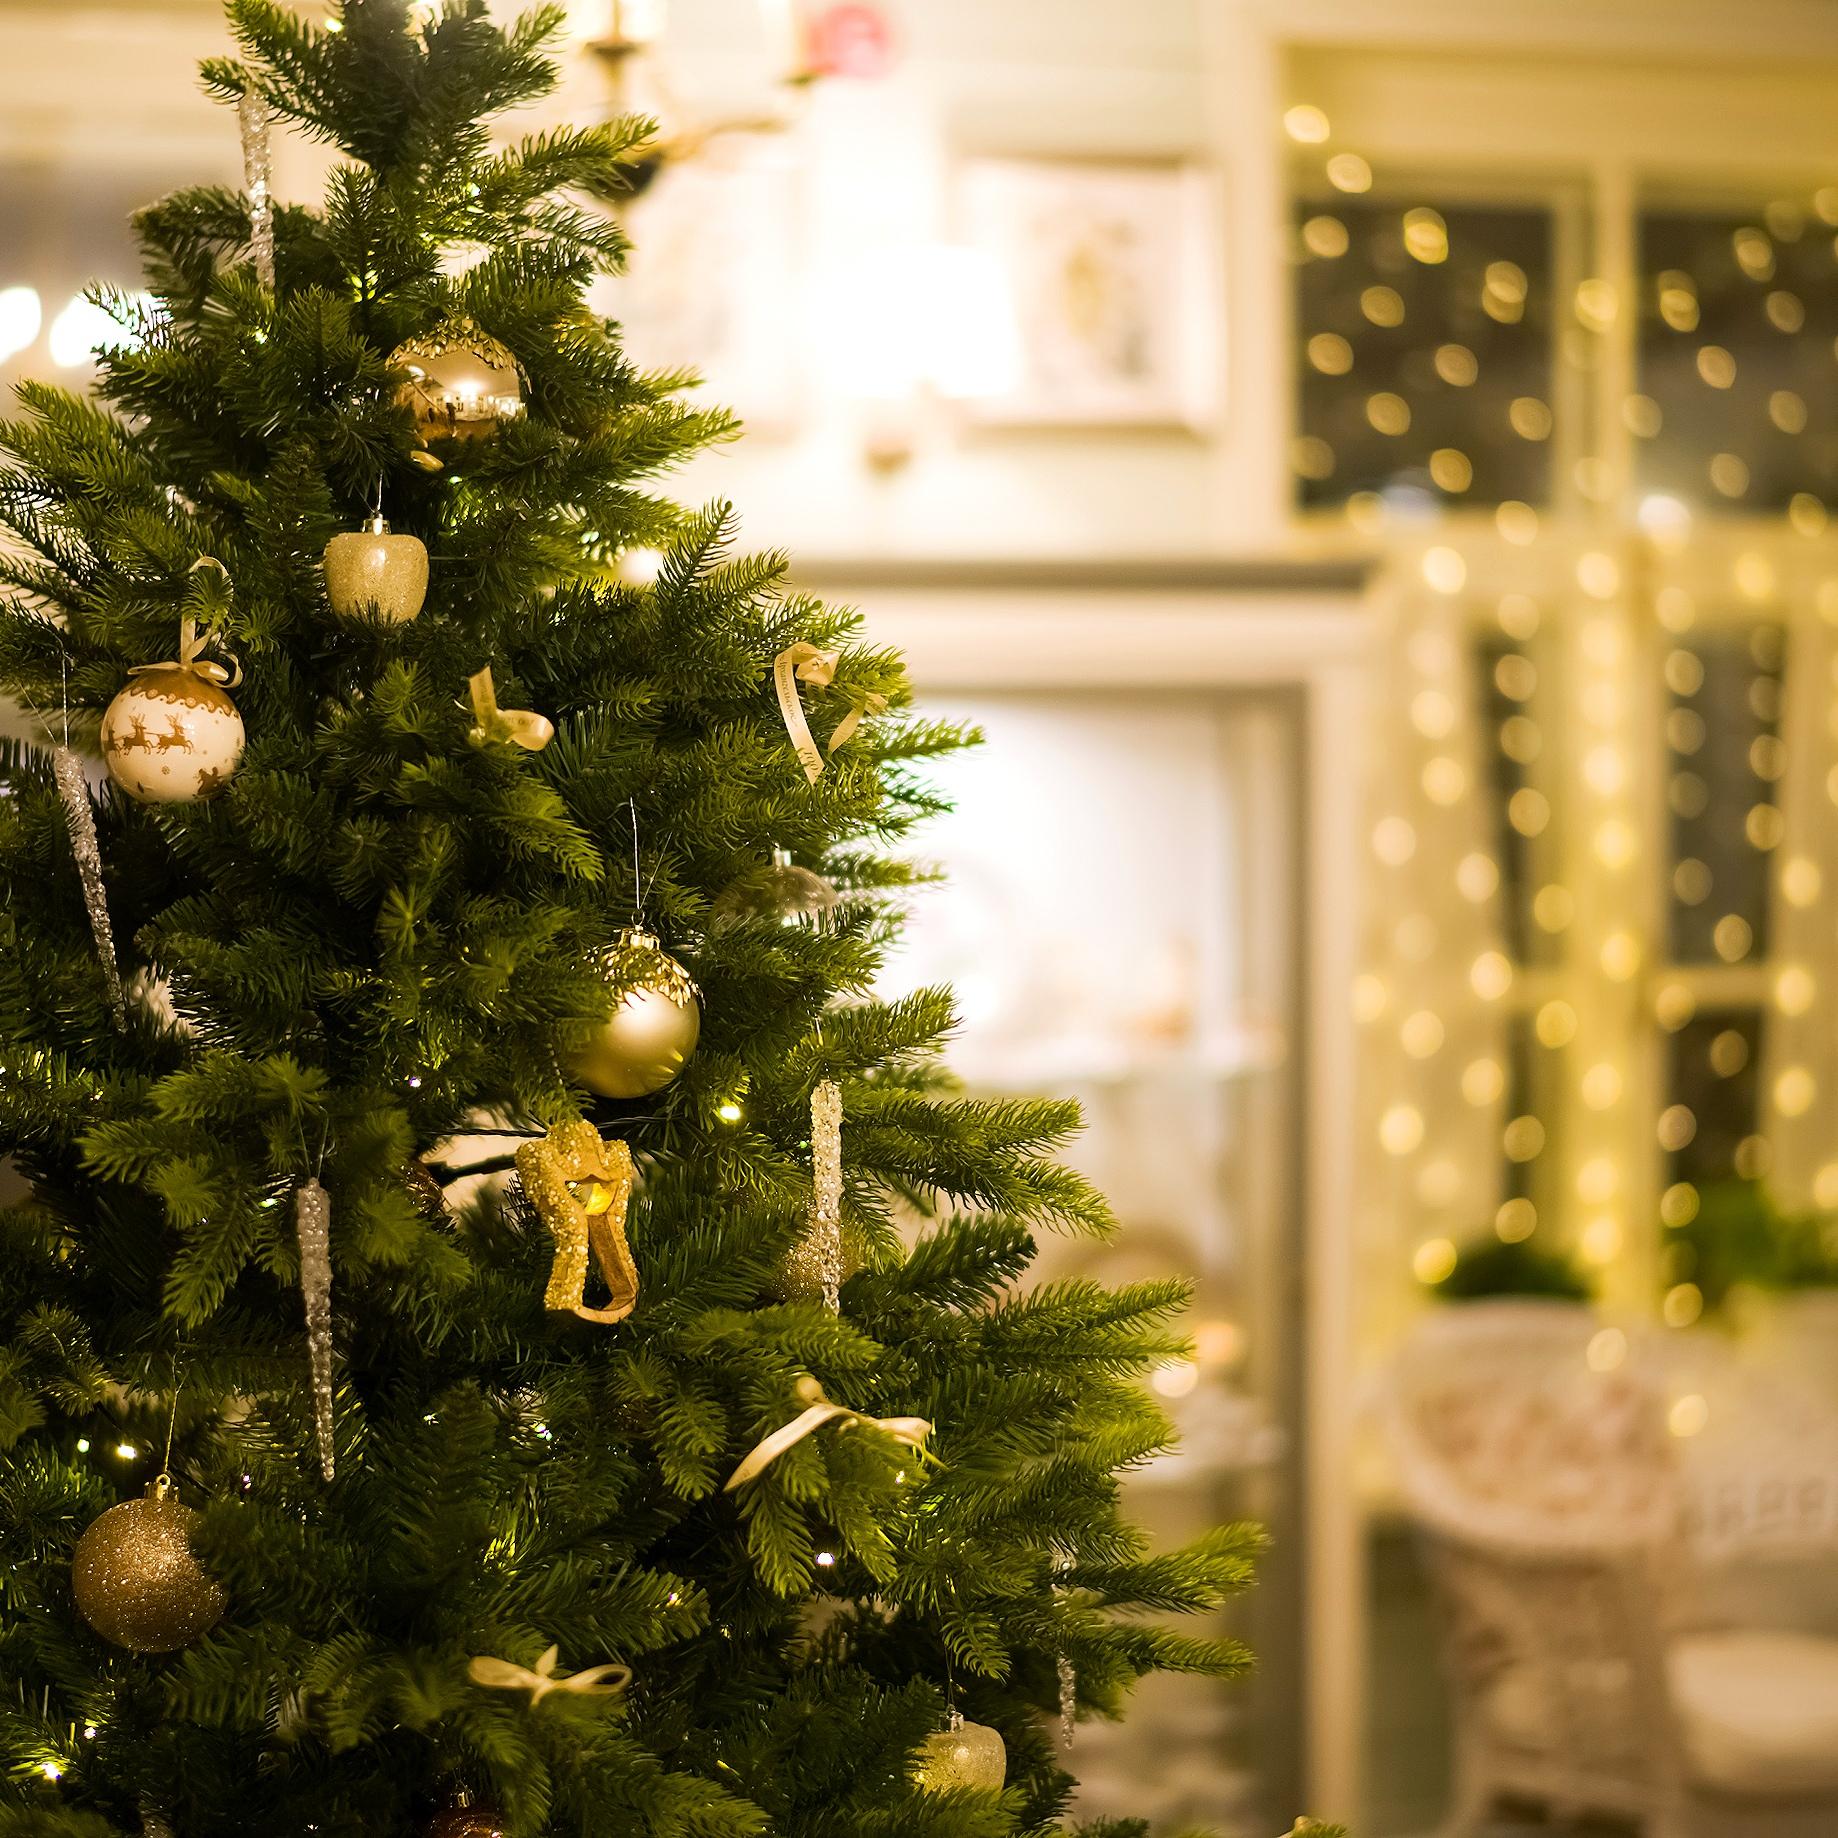 Праздник-оксюморон Старый Новый Год произошел из-за расхождения Юлианского и Григорианского календарей.